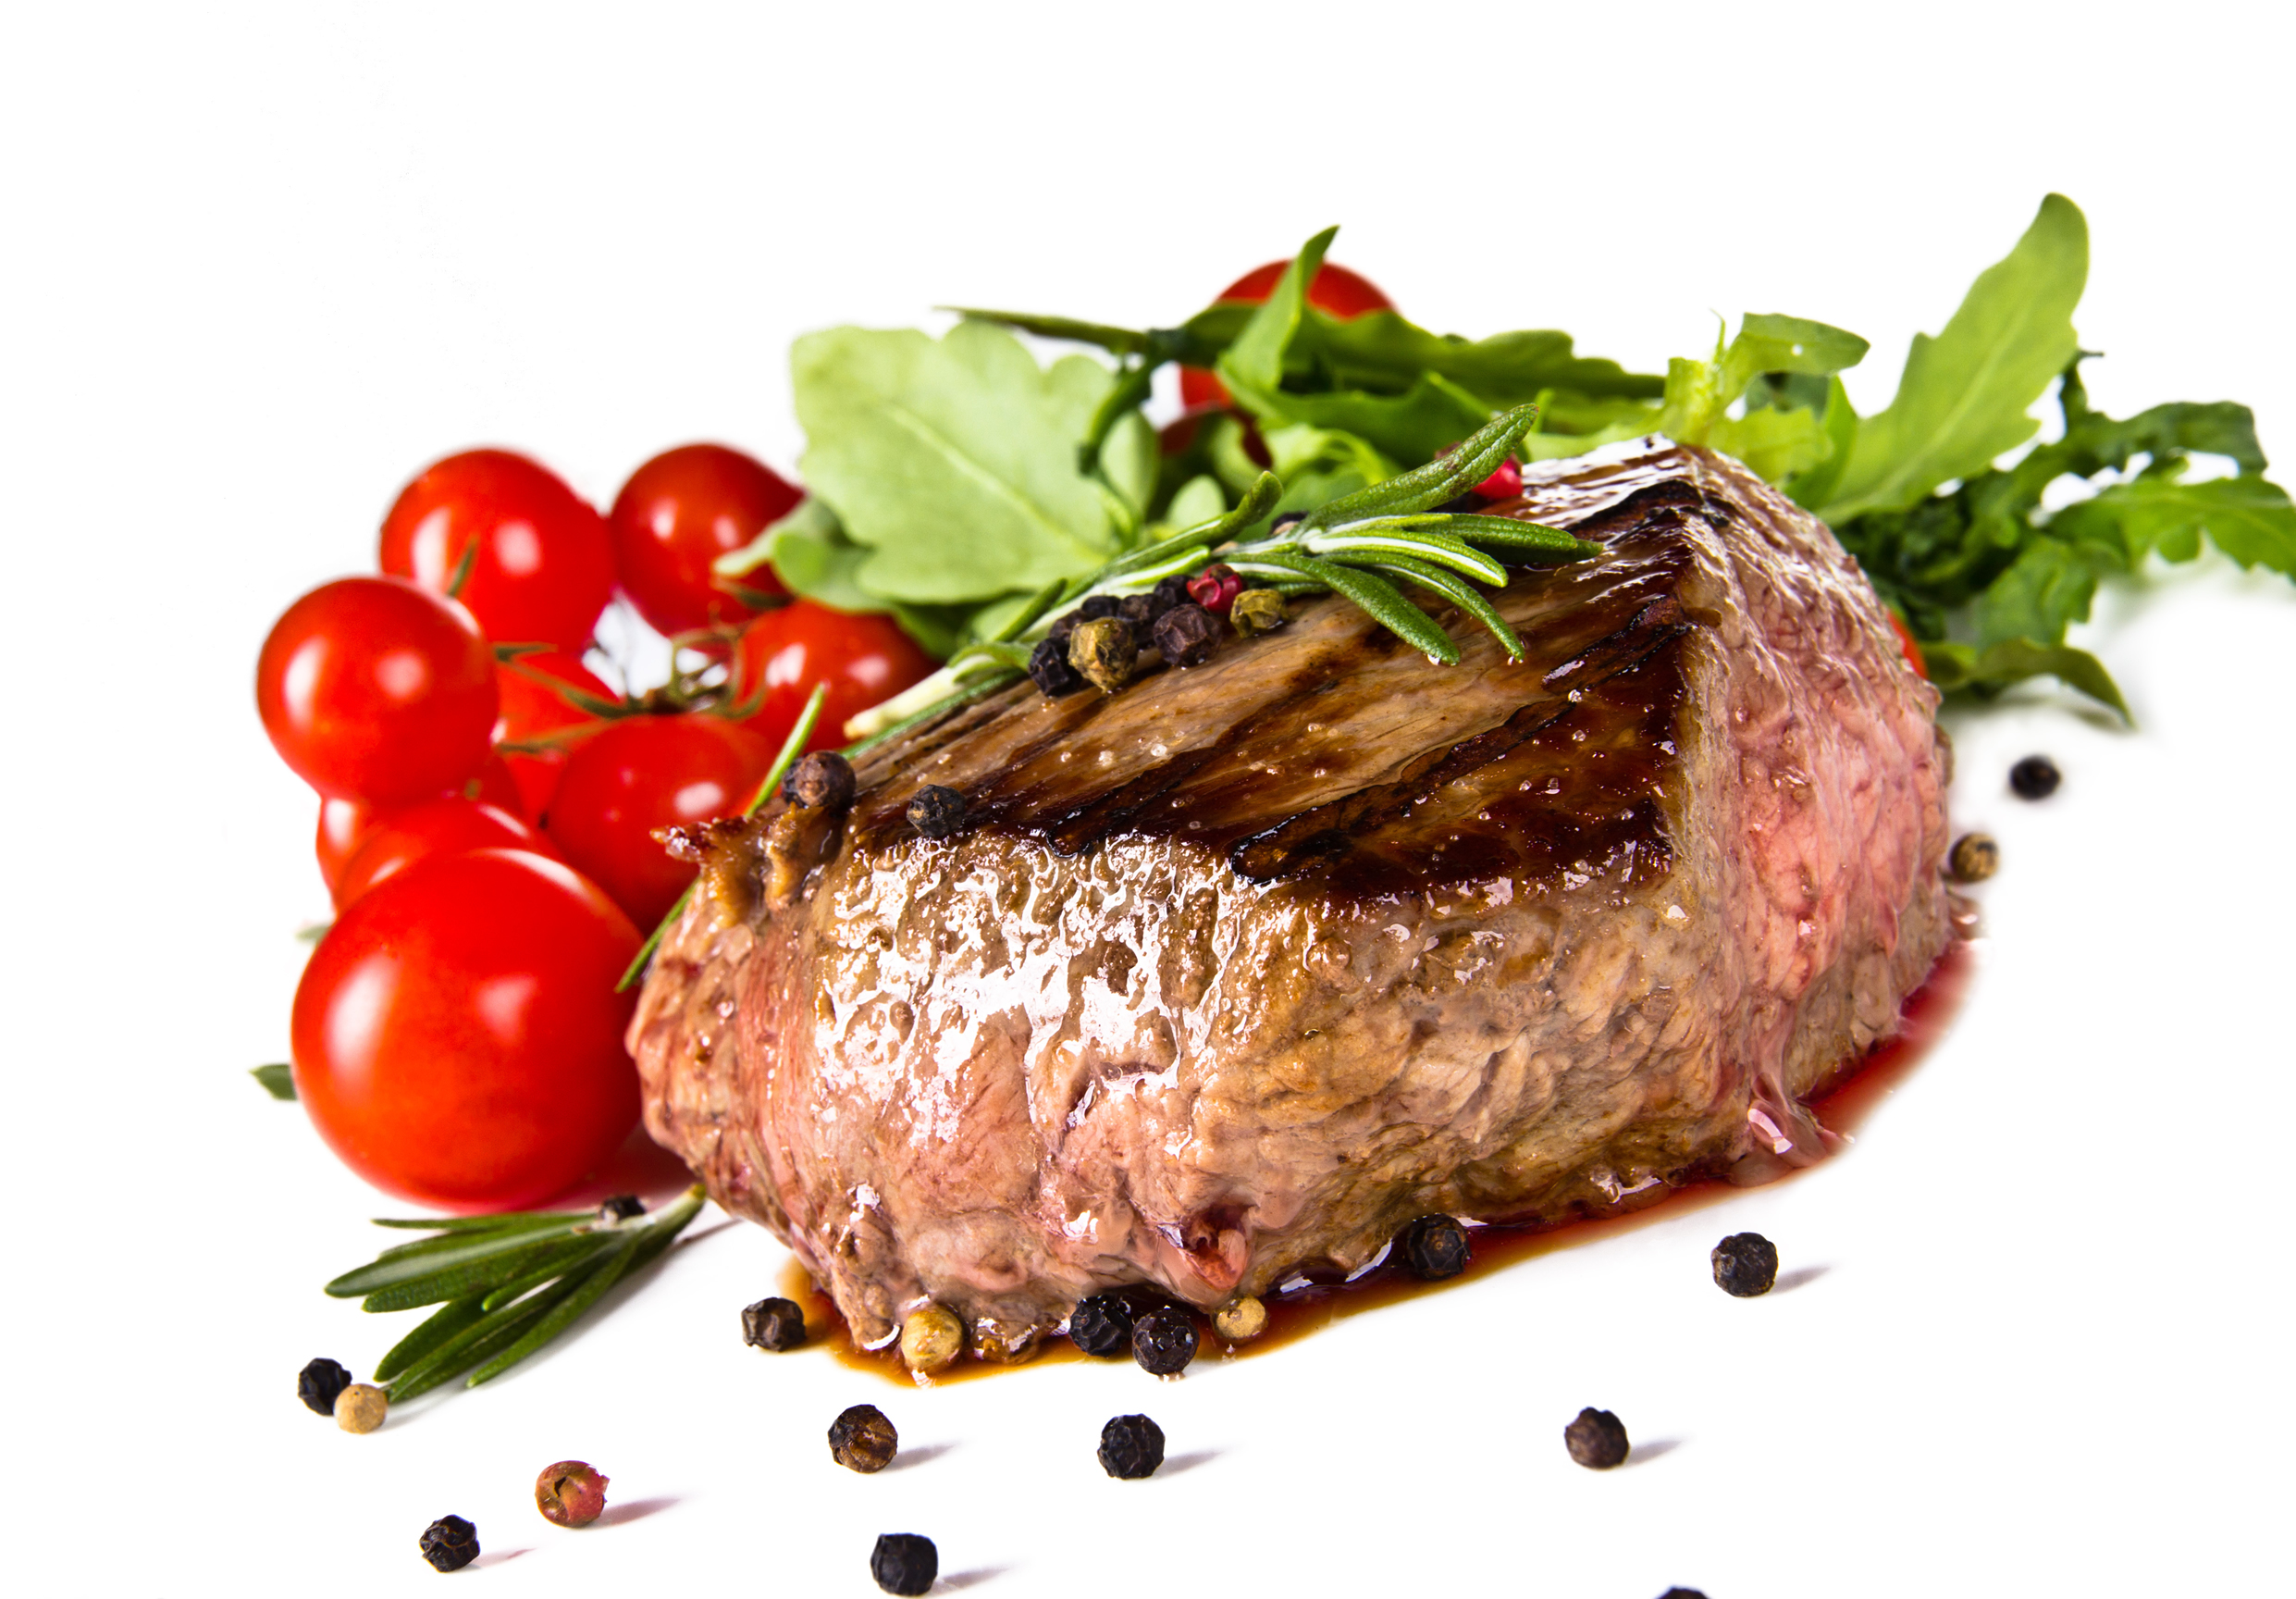 Фото, мясо, жареное, на рабочий стол, скачать бесплатно, с приправами, бифштекс